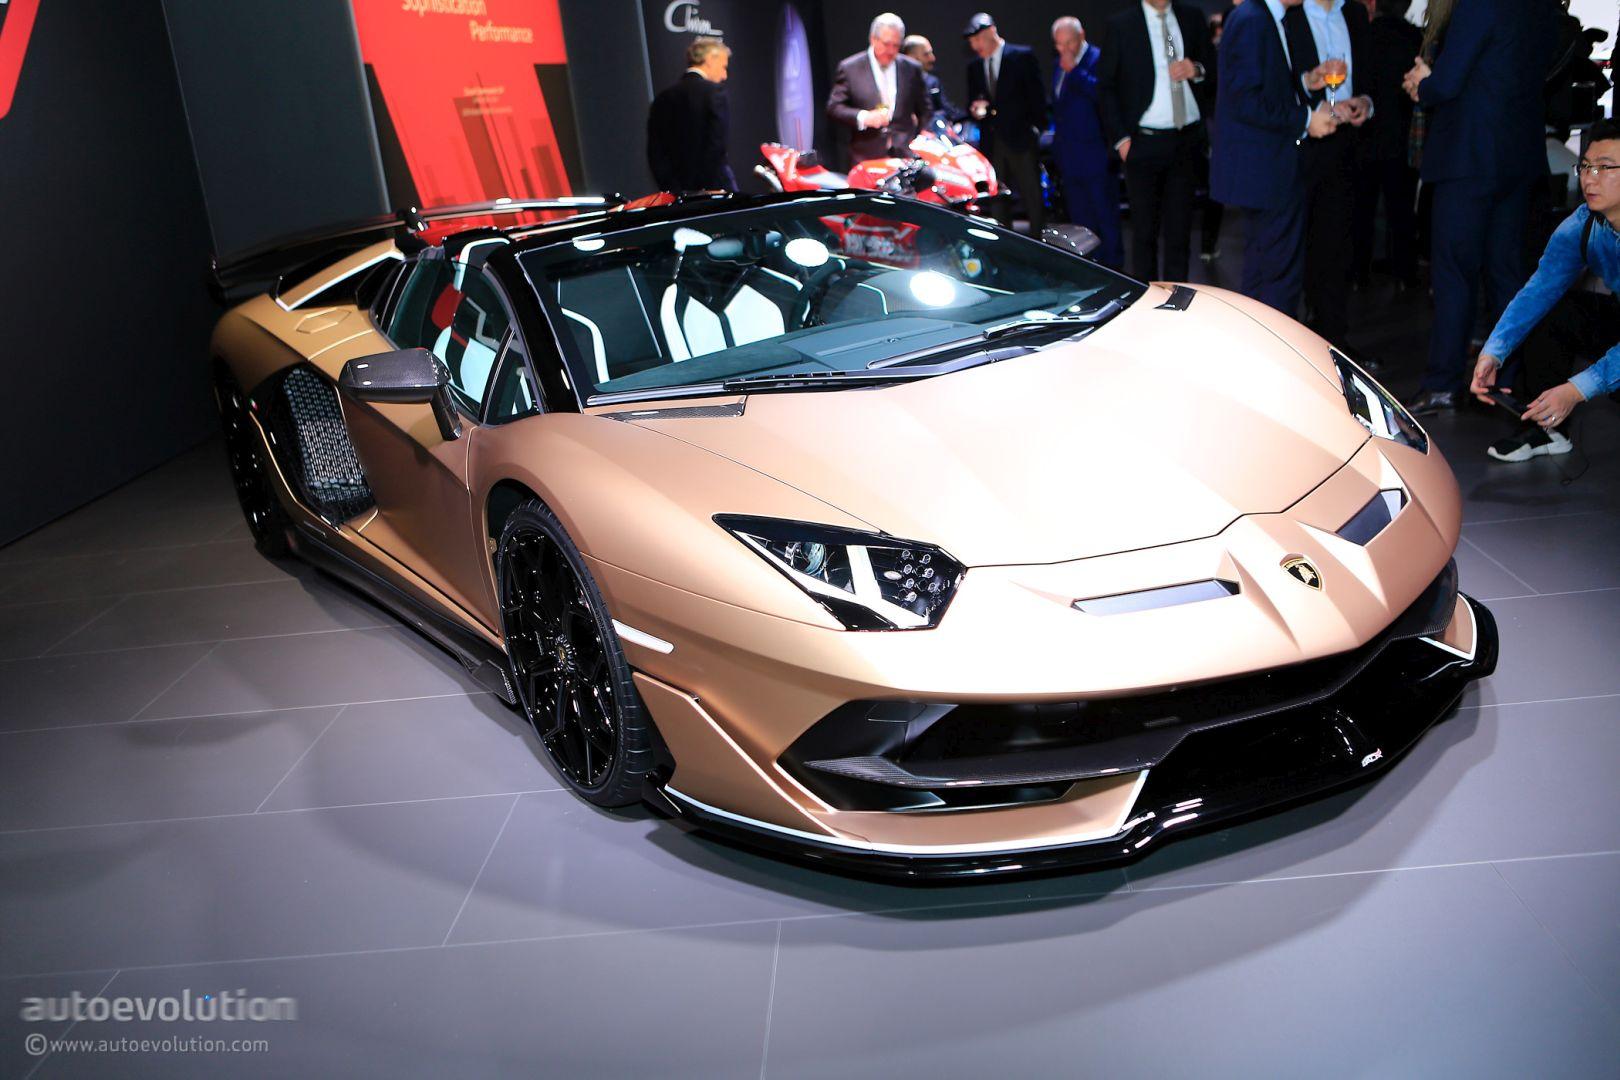 Bronzo Zenas Lamborghini Aventador SVJ Roadster Shines in ...